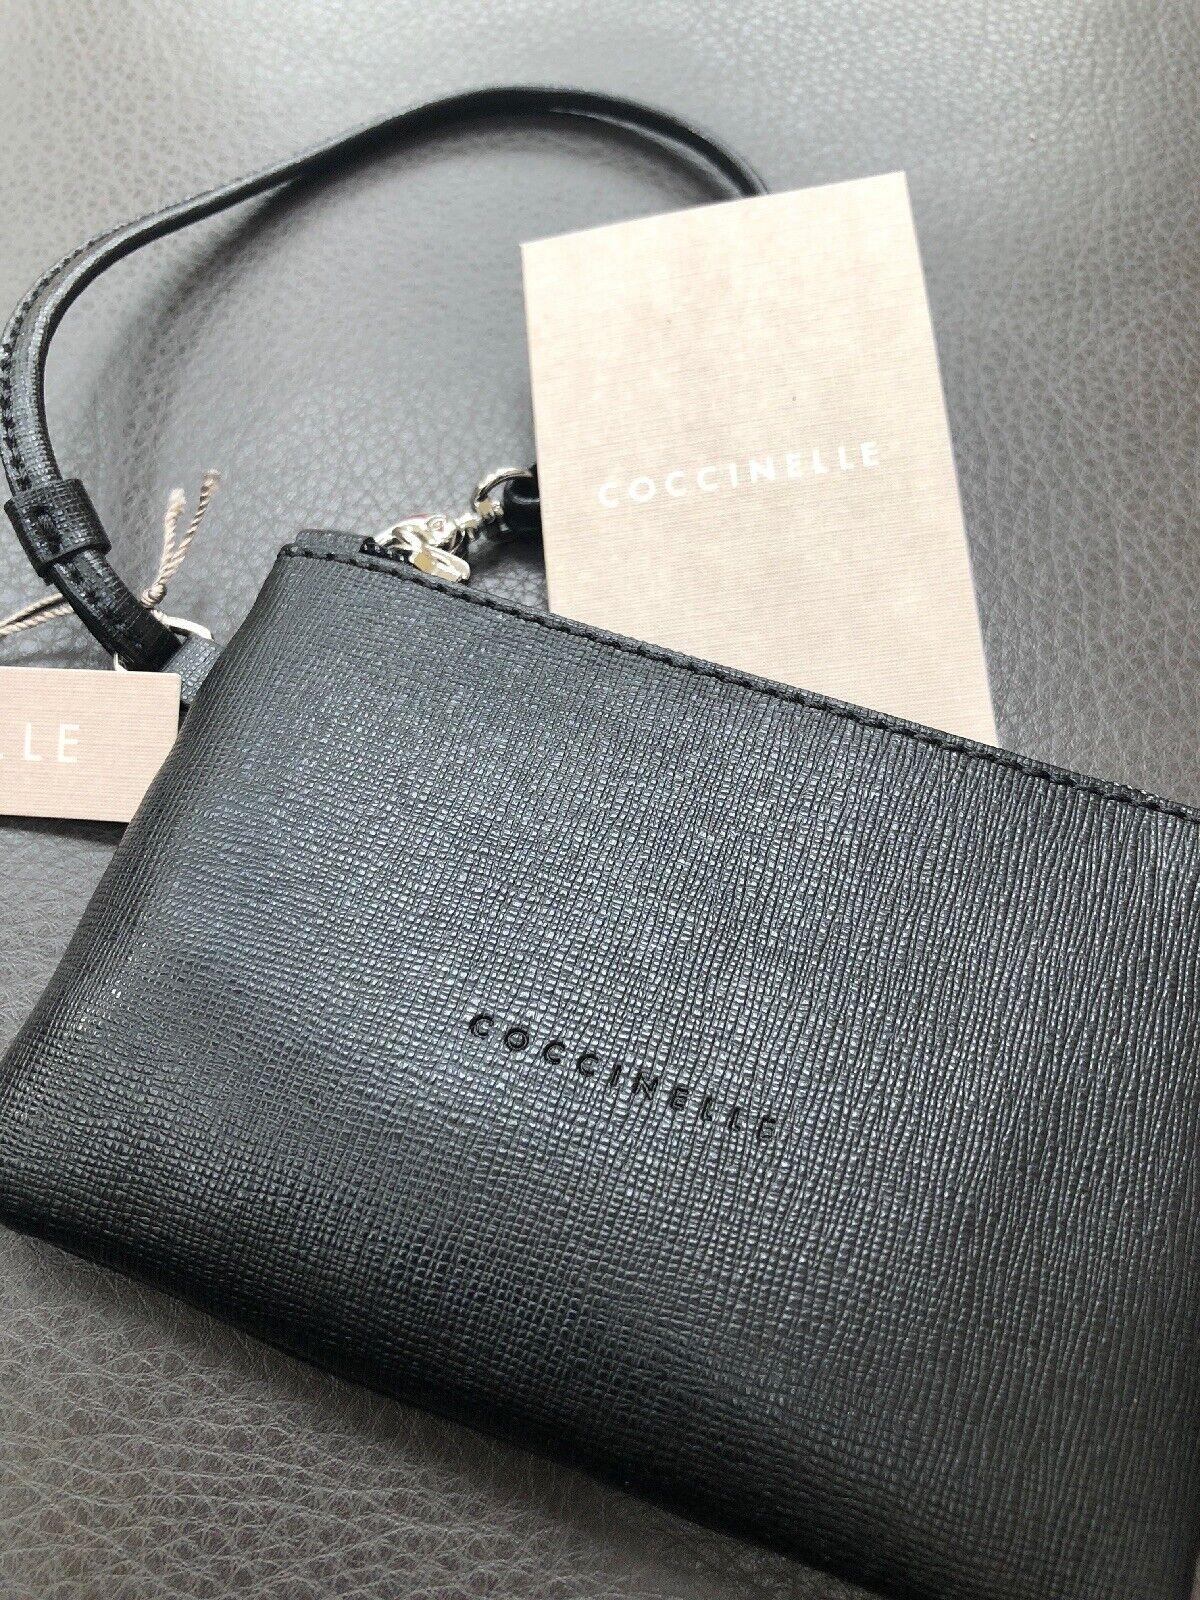 COCCINELLE Neue Clutch 100 % Leder Schwarz Kosmetiktasche Geldbörse Damentasche